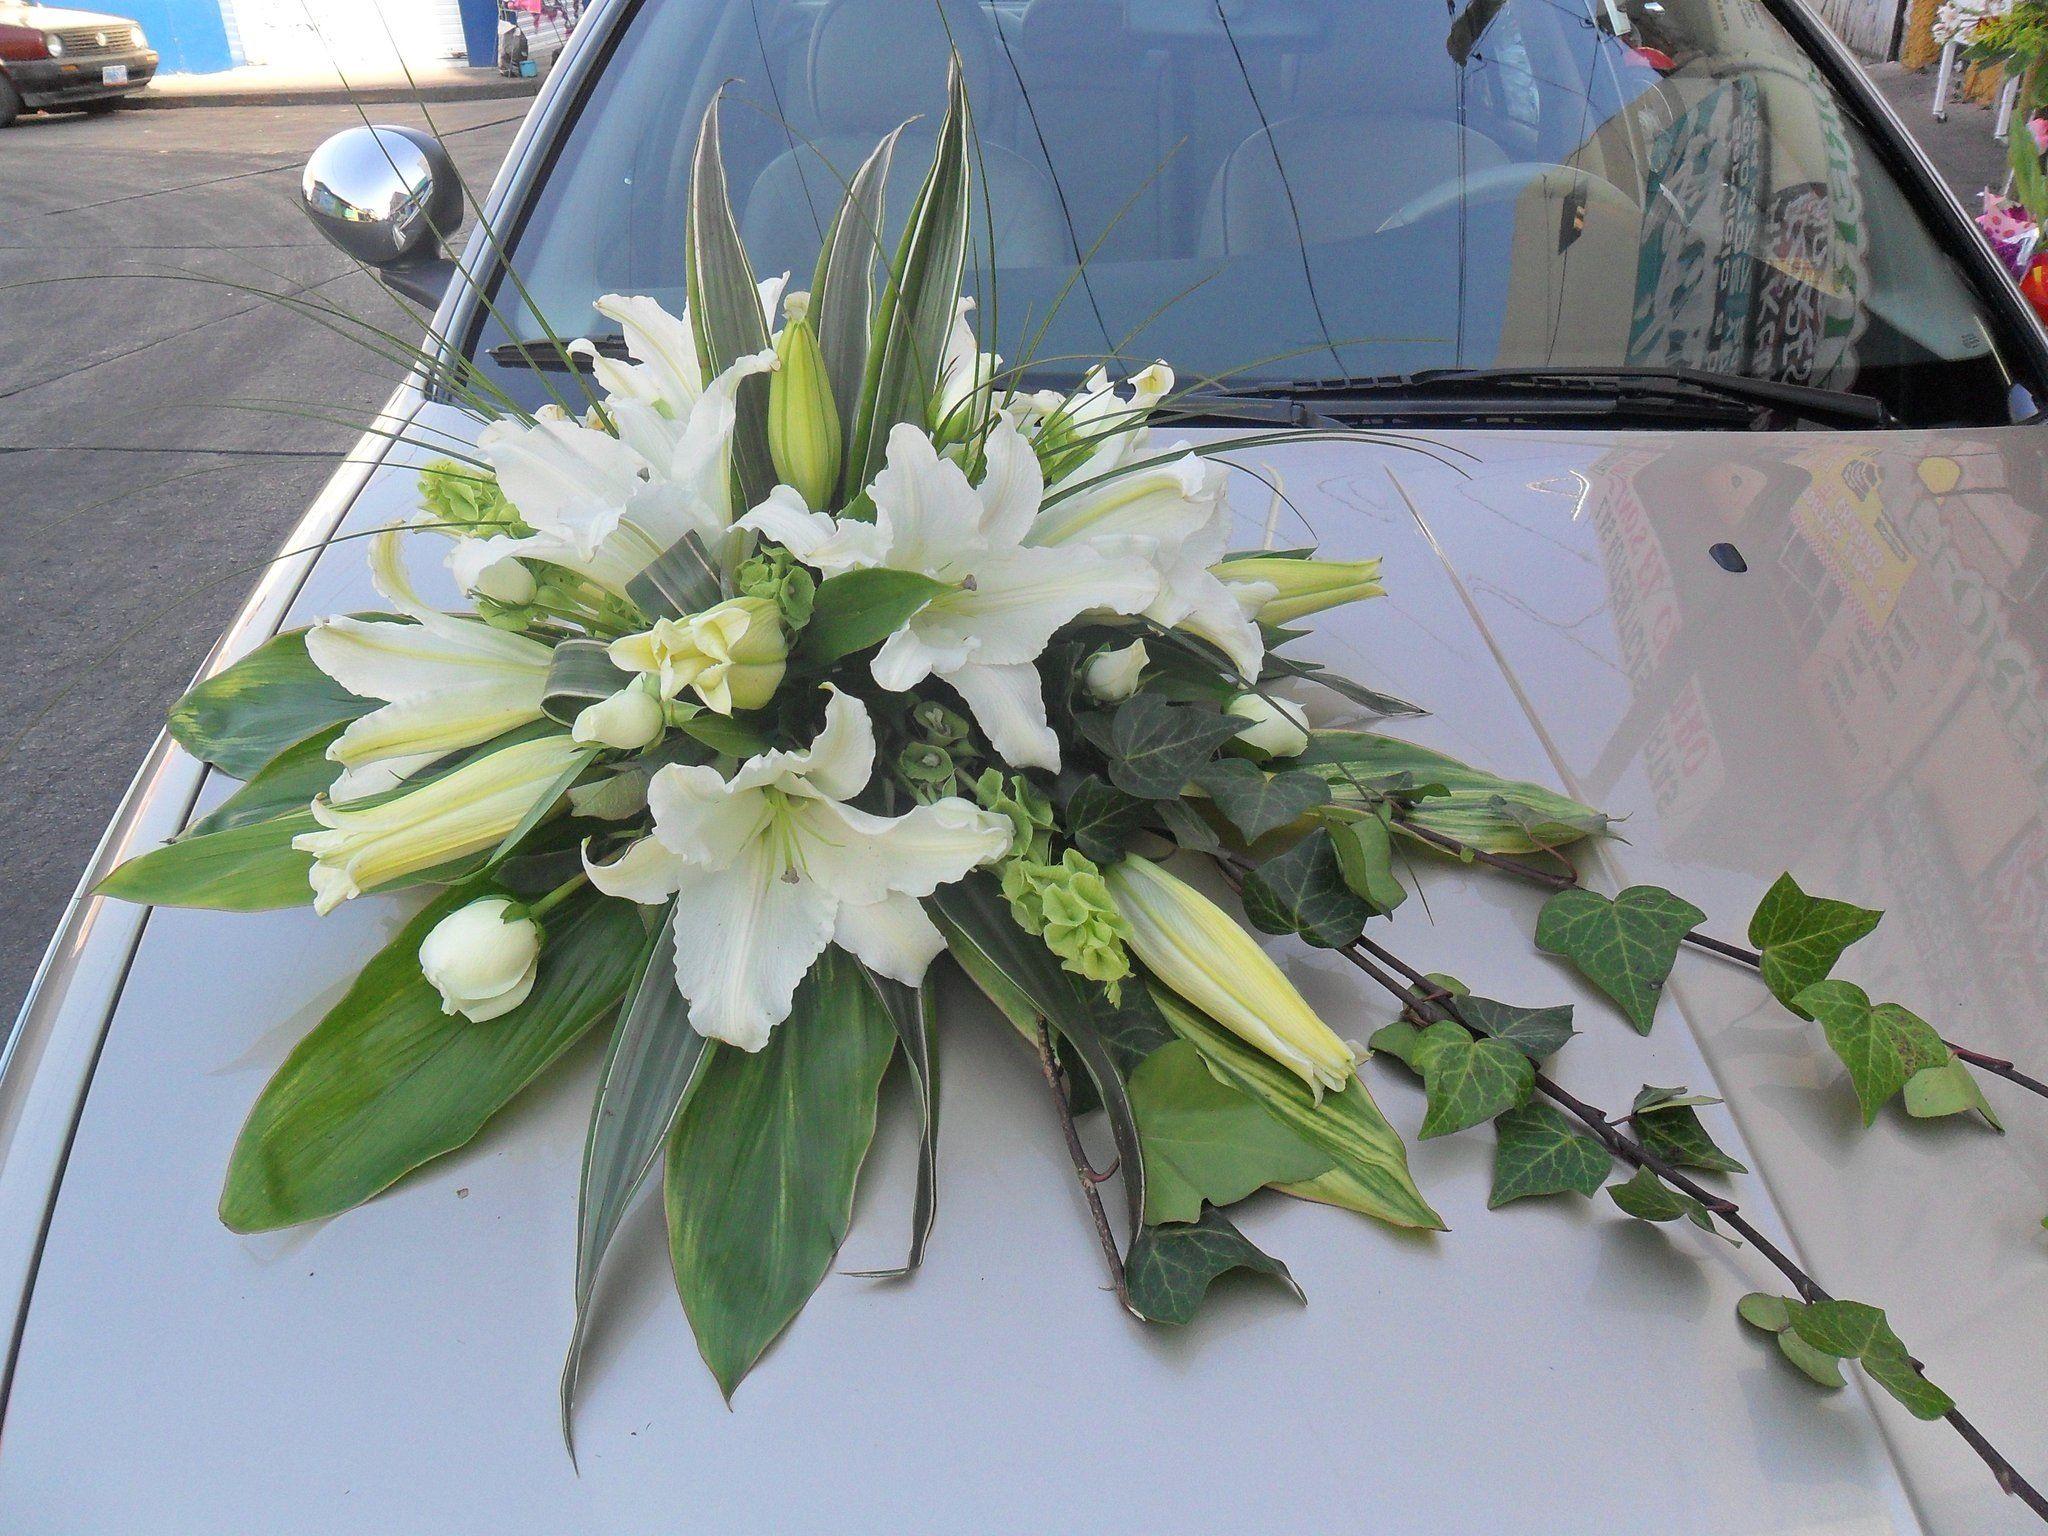 Casablanca beautiful wedding car decoration shared by ...